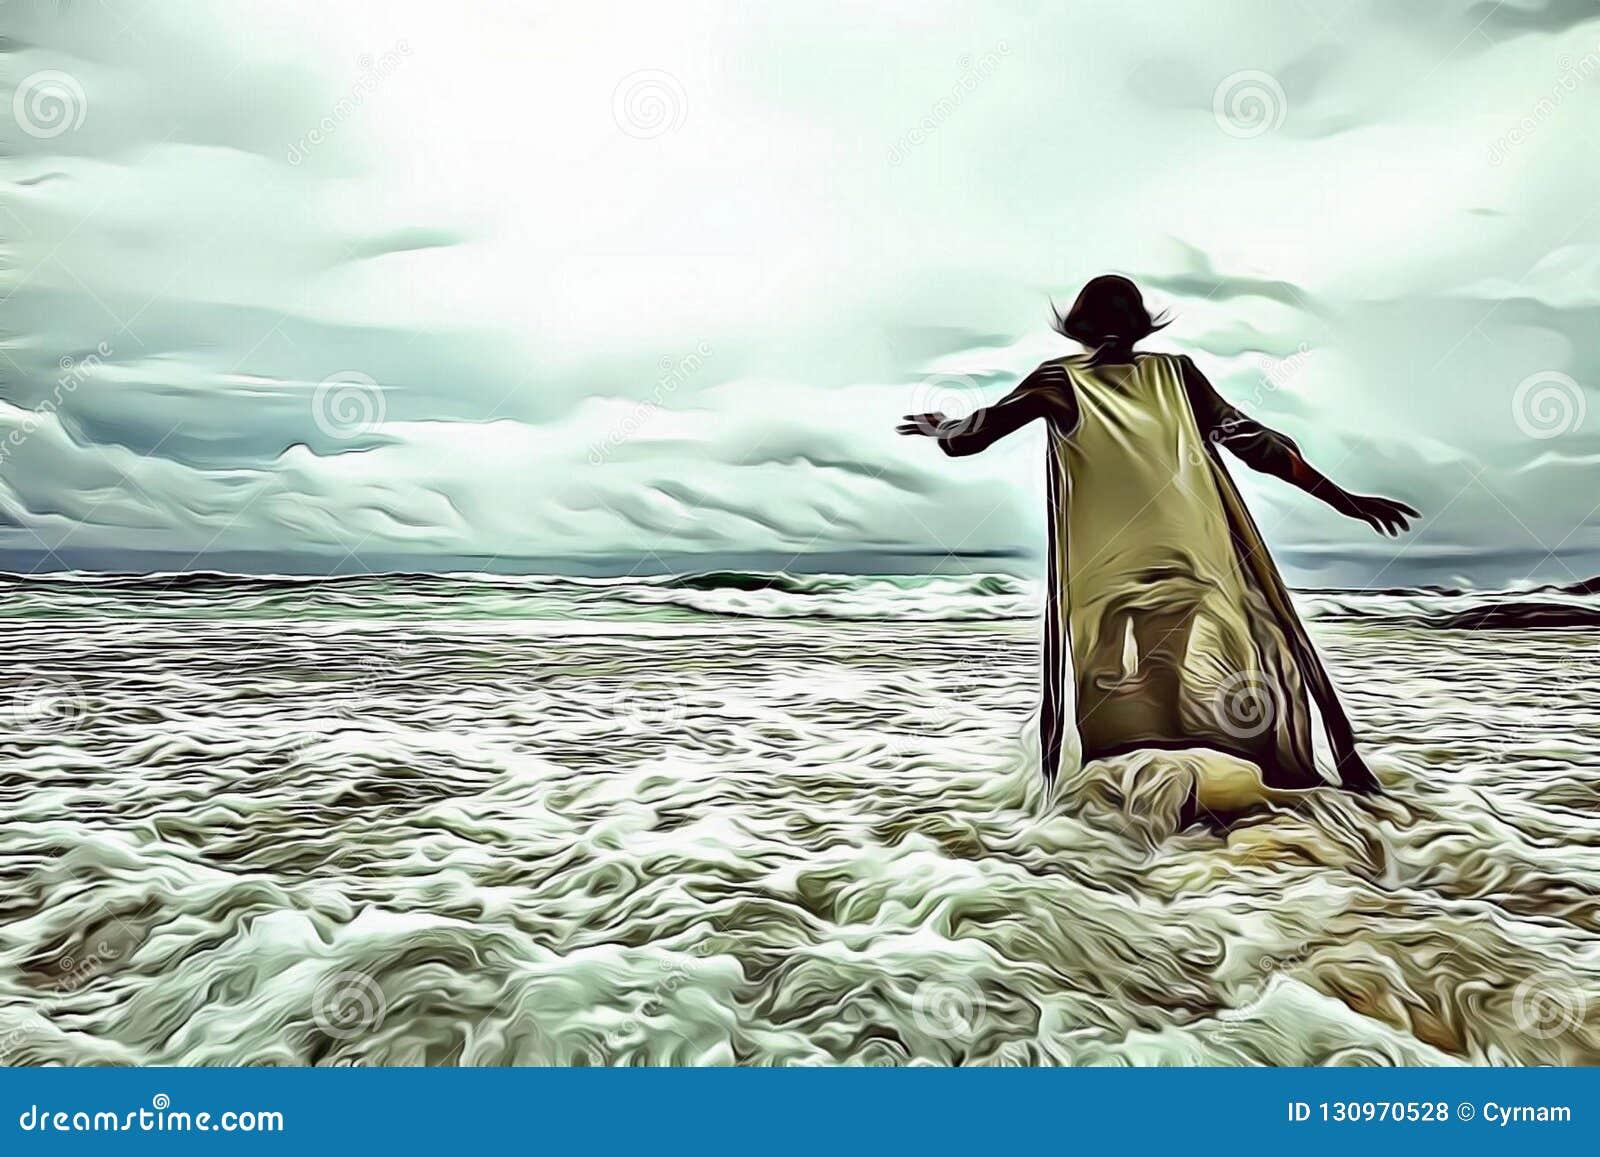 Ilustração dos desenhos animados de uma mulher que anda apenas no mar na frente de um céu nebuloso dramático com luz divina, fuzi